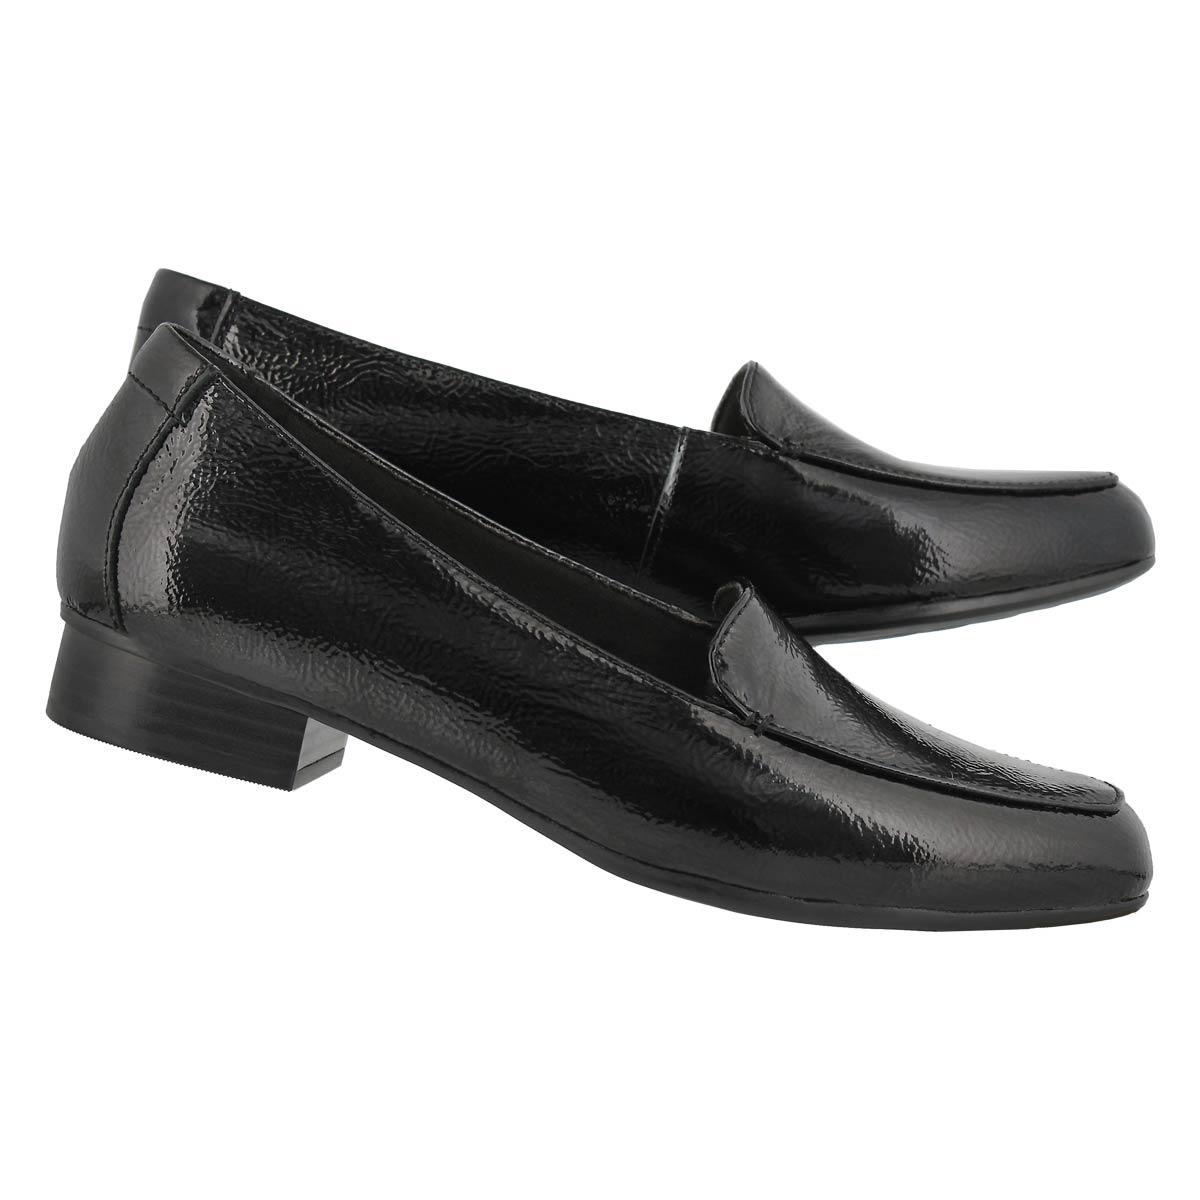 Women's Juliet Lora Dress Loafers Wide - Black Pat